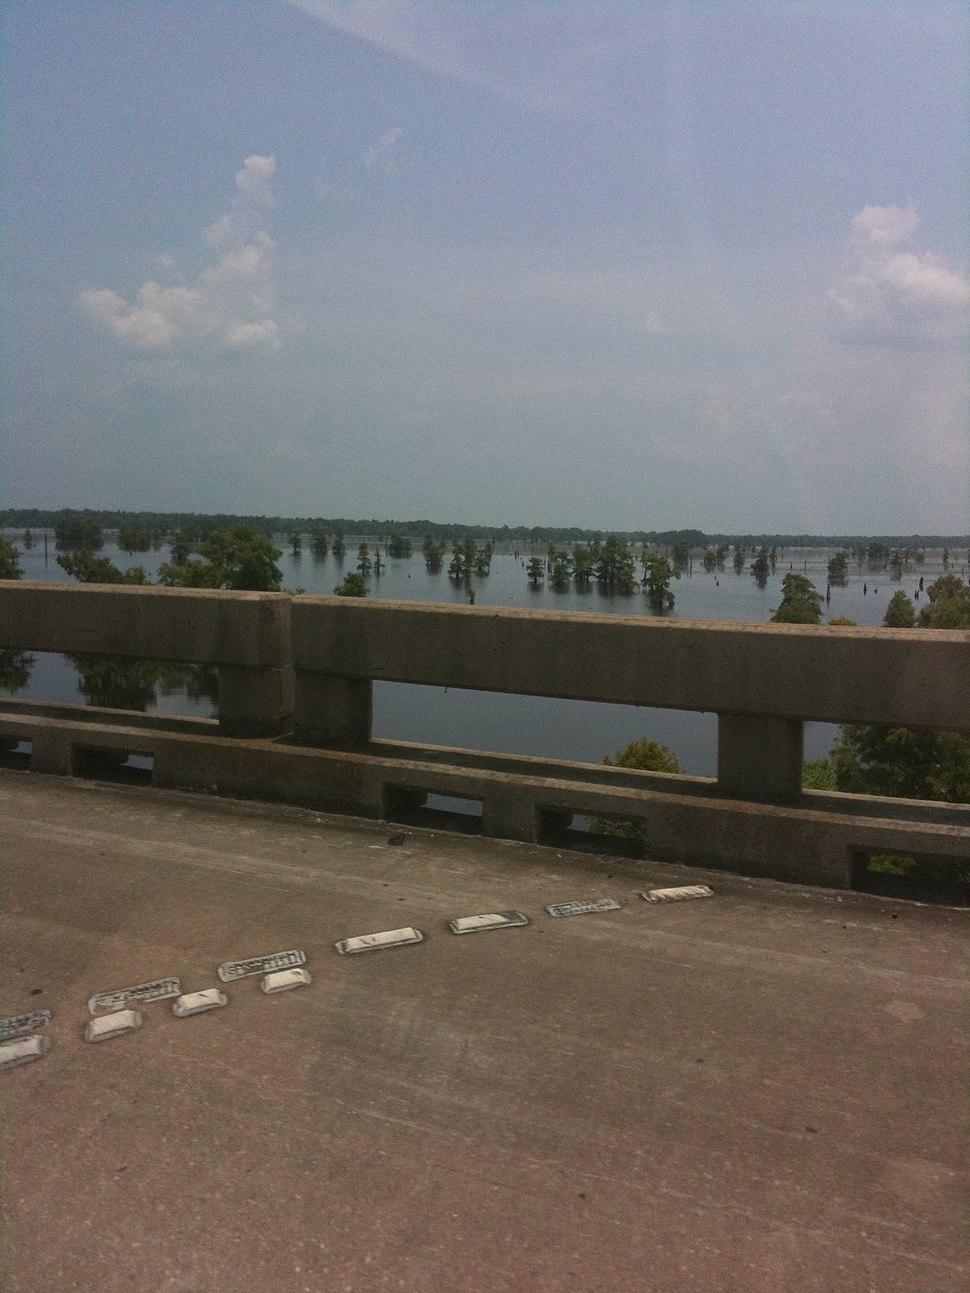 AB Bridge I-10